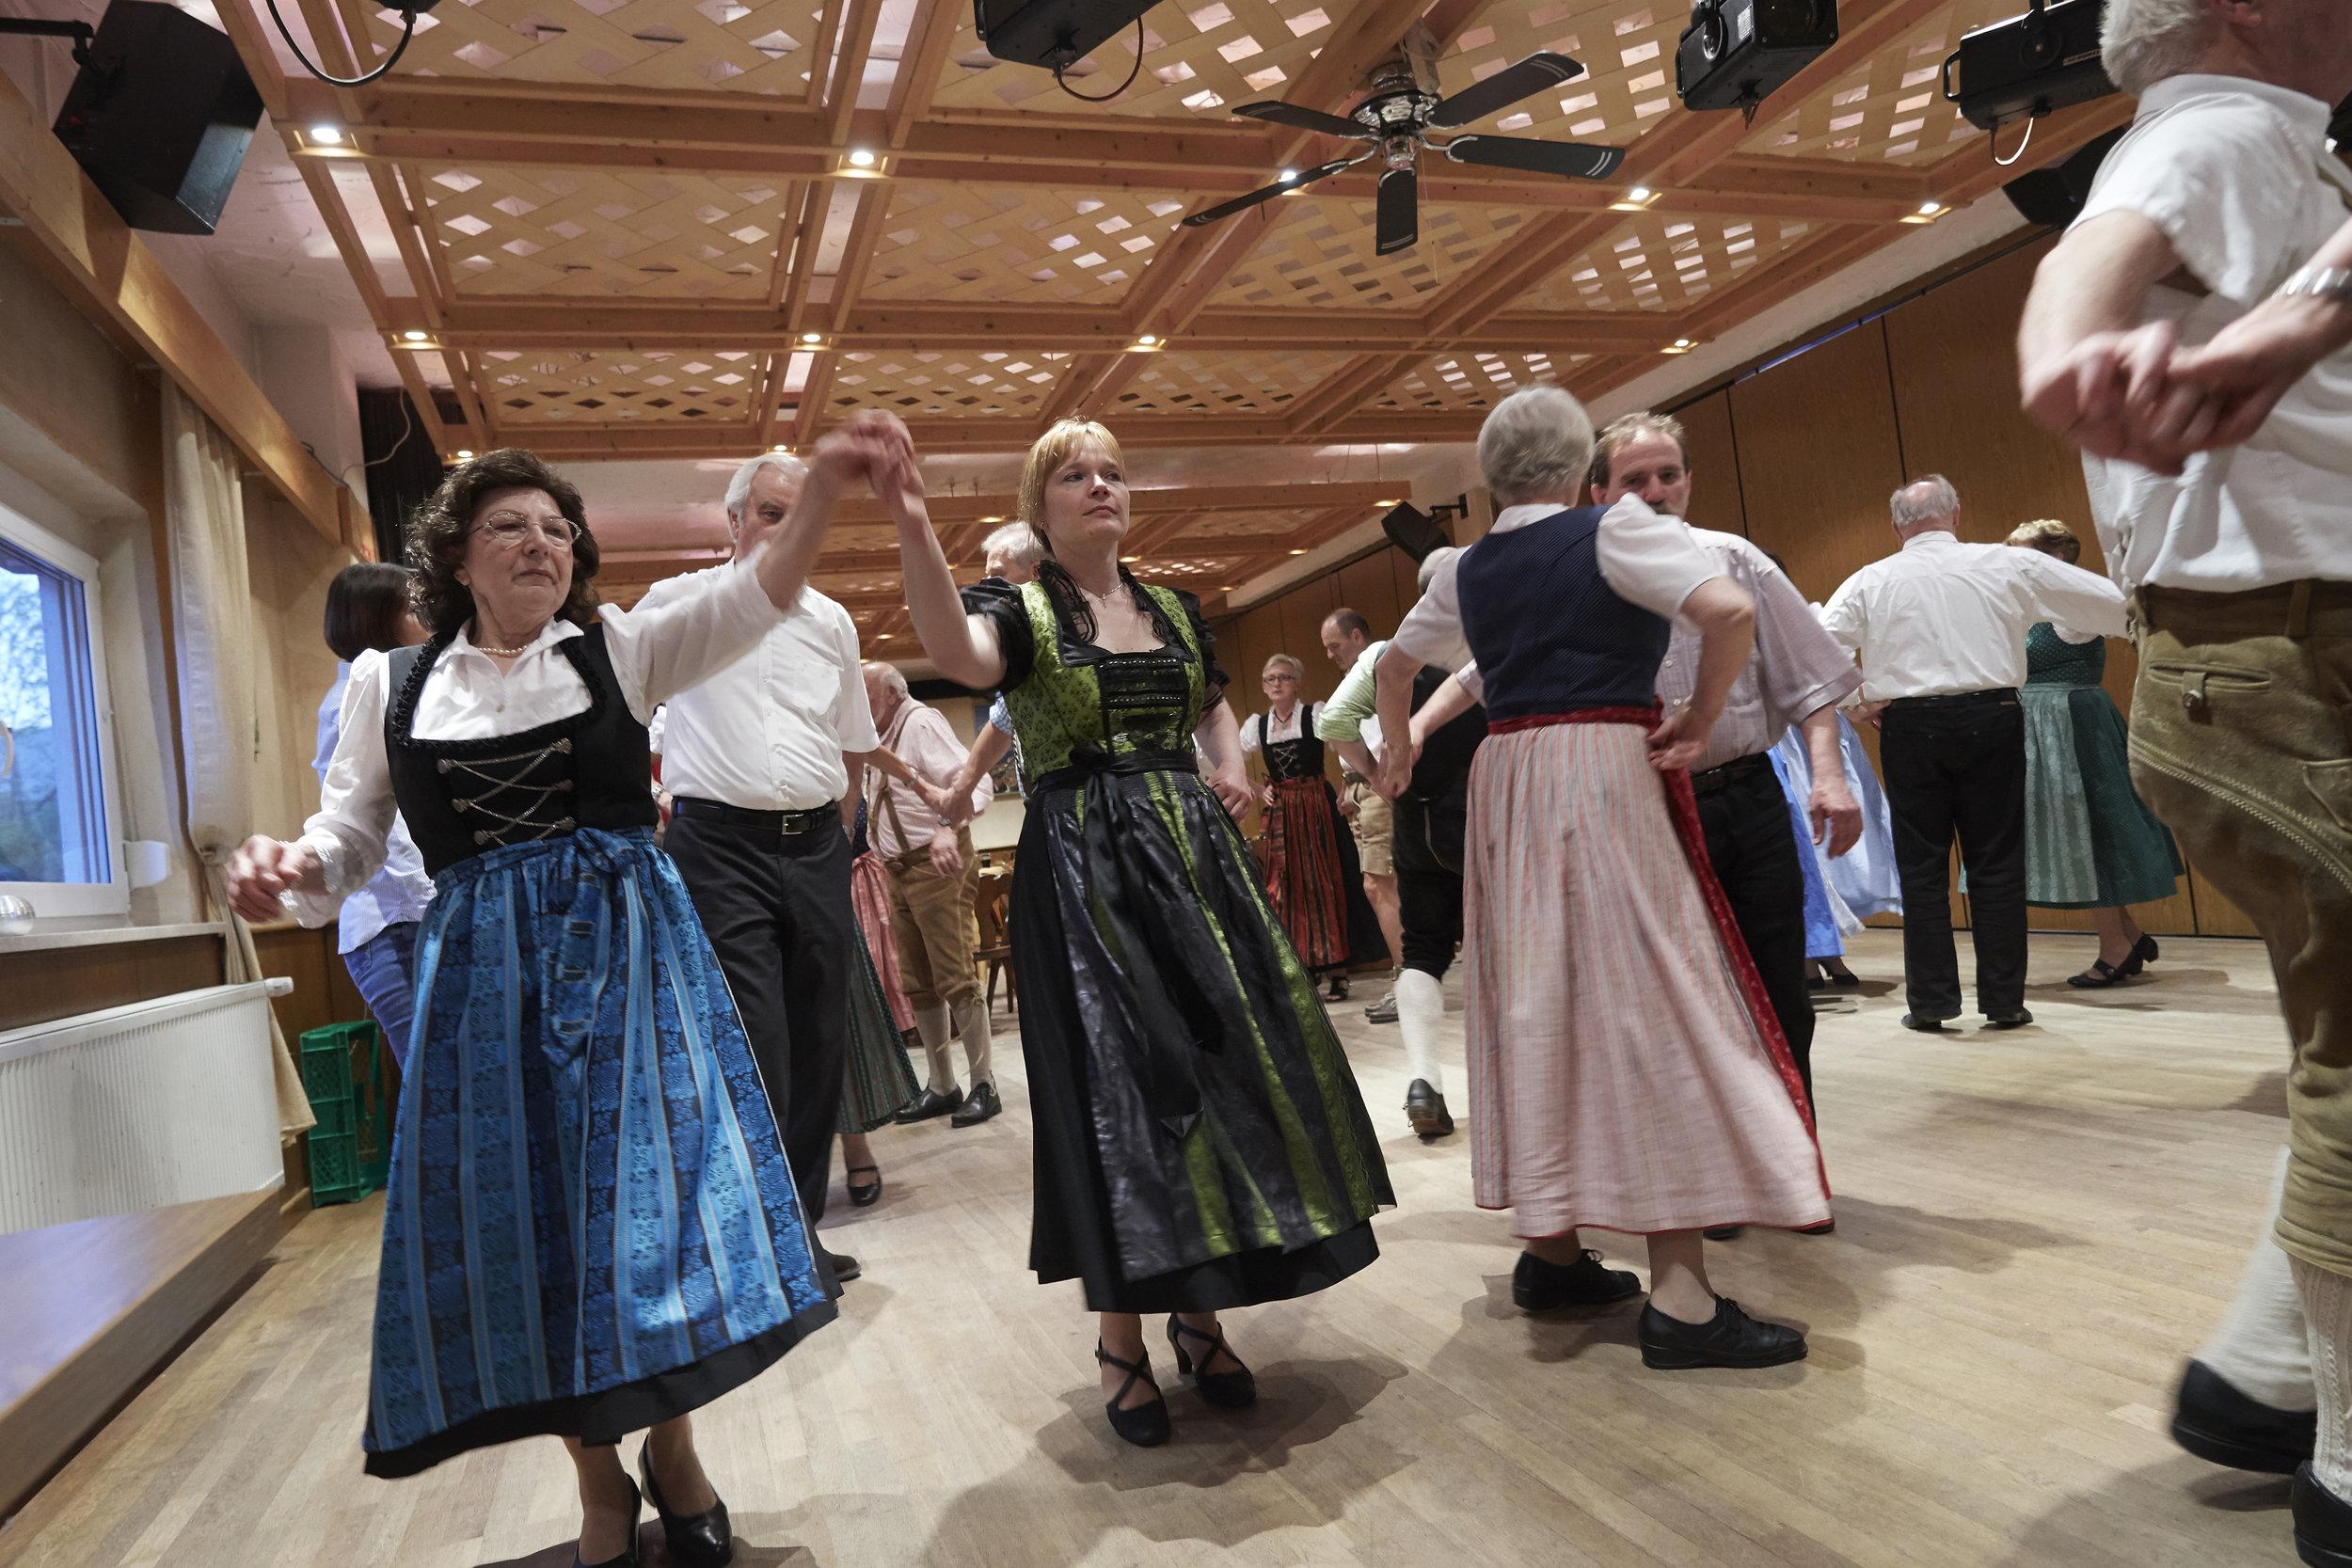 Volkstänze sind uralt und haben sind zum Teil aus dem Mittelalter bis heute überliefert. Der Olchinger Verein möchte mit seinen Kursen und Tanzabenden die Traditionen bewahren.